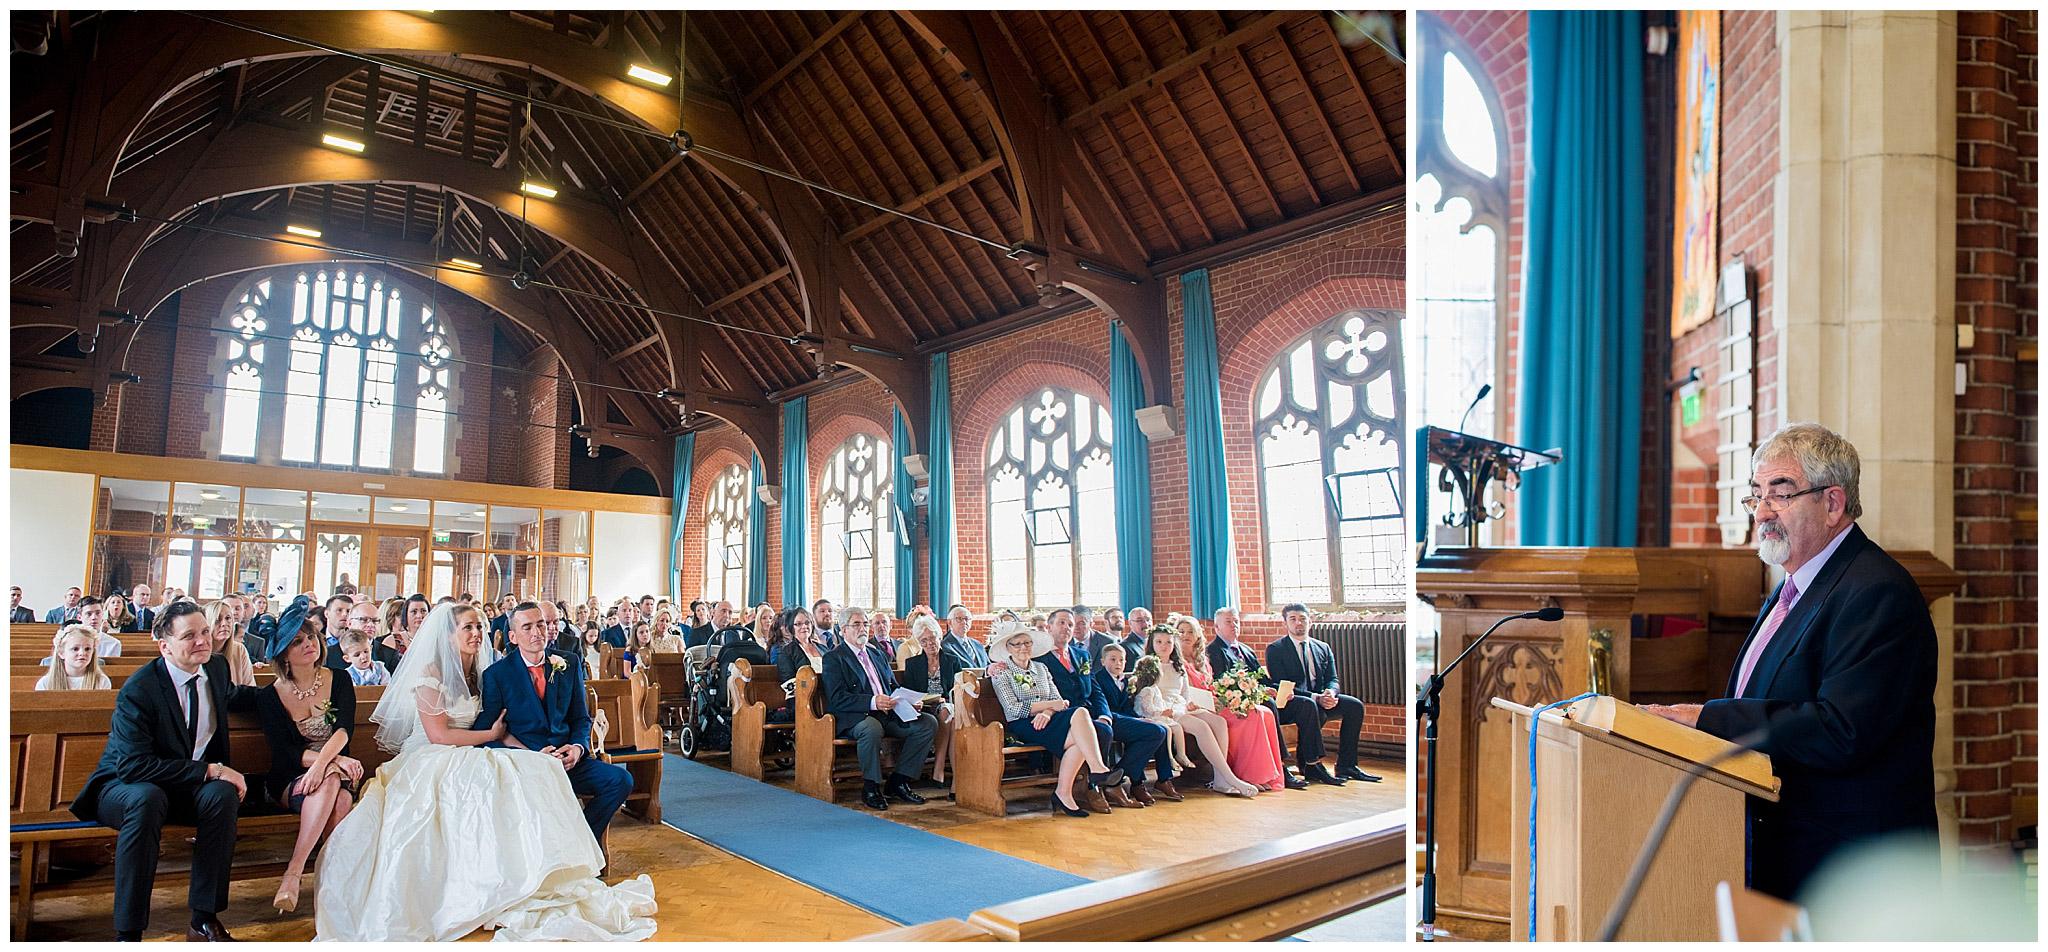 Katie-&-Steve-Victoria-Park-Methodist-Chruch-Winton-&-The-Manor-Burton-Christchurch-Wedding-23